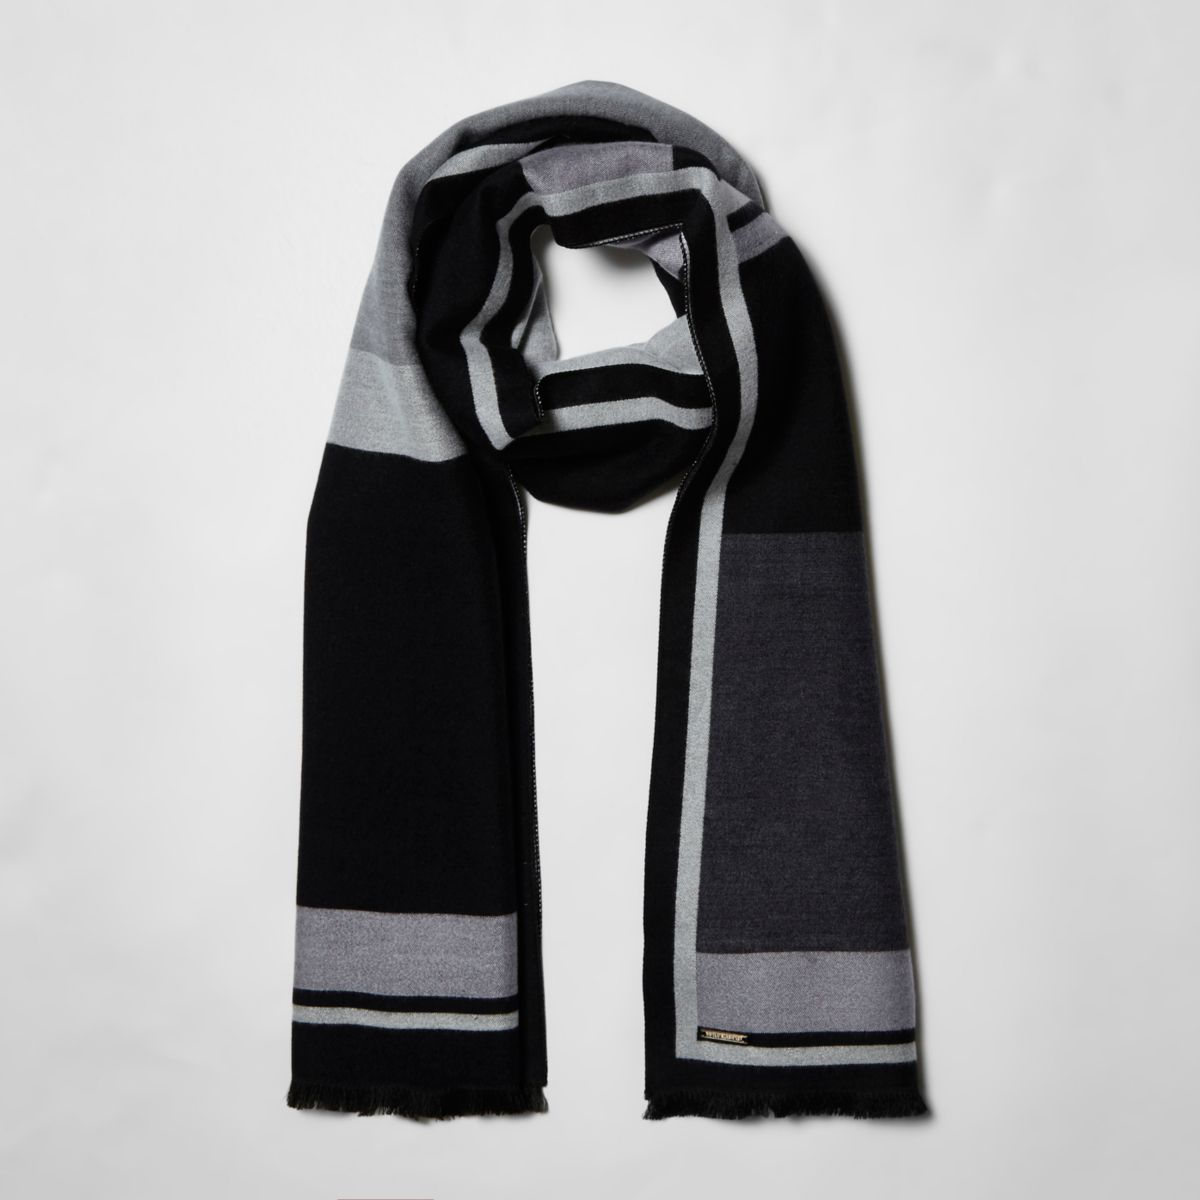 Zwarte sjaal met zwarte-witte blokkenprint